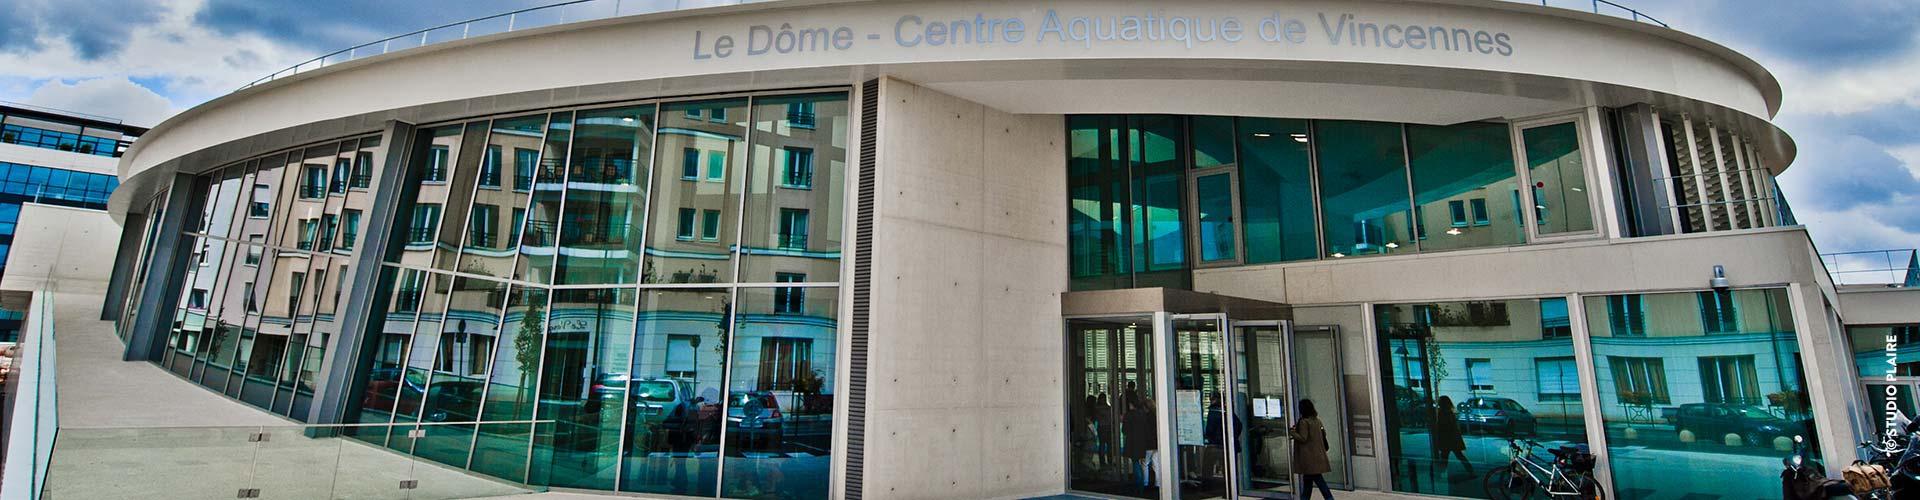 Centre Aquatique | Ville De Vincennes serapportantà Piscine De Vincennes